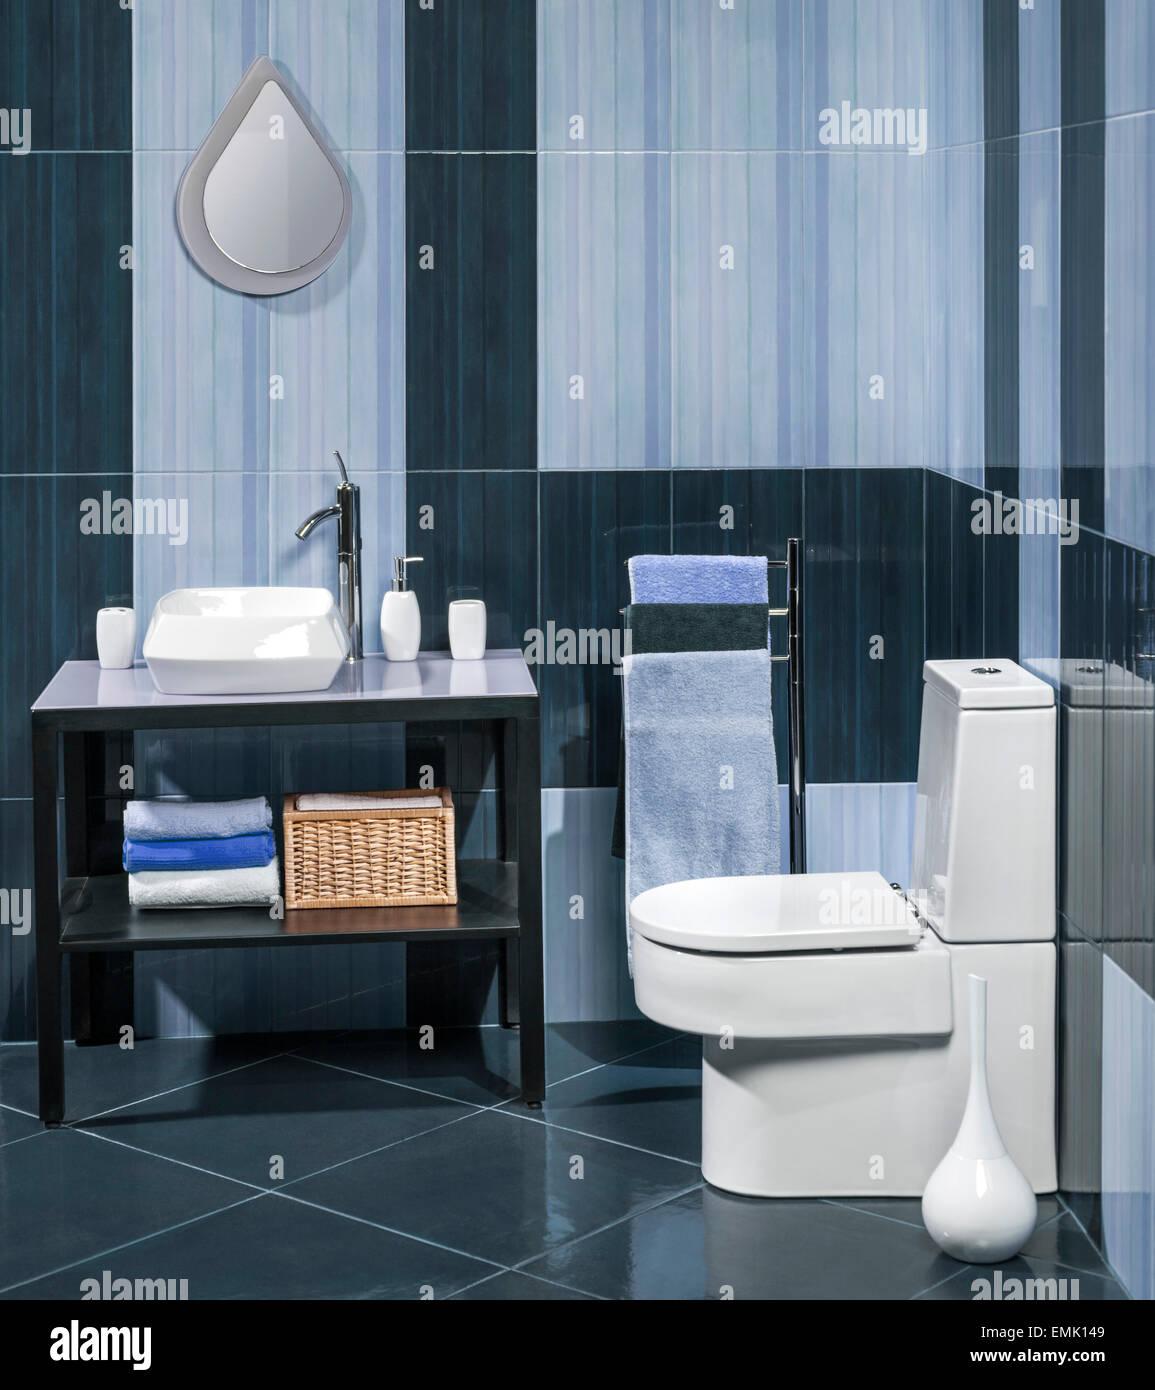 Liebenswert Badezimmer Schränke Beste Wahl Detail Von Einem Modernen Mit Waschbecken, Schrank